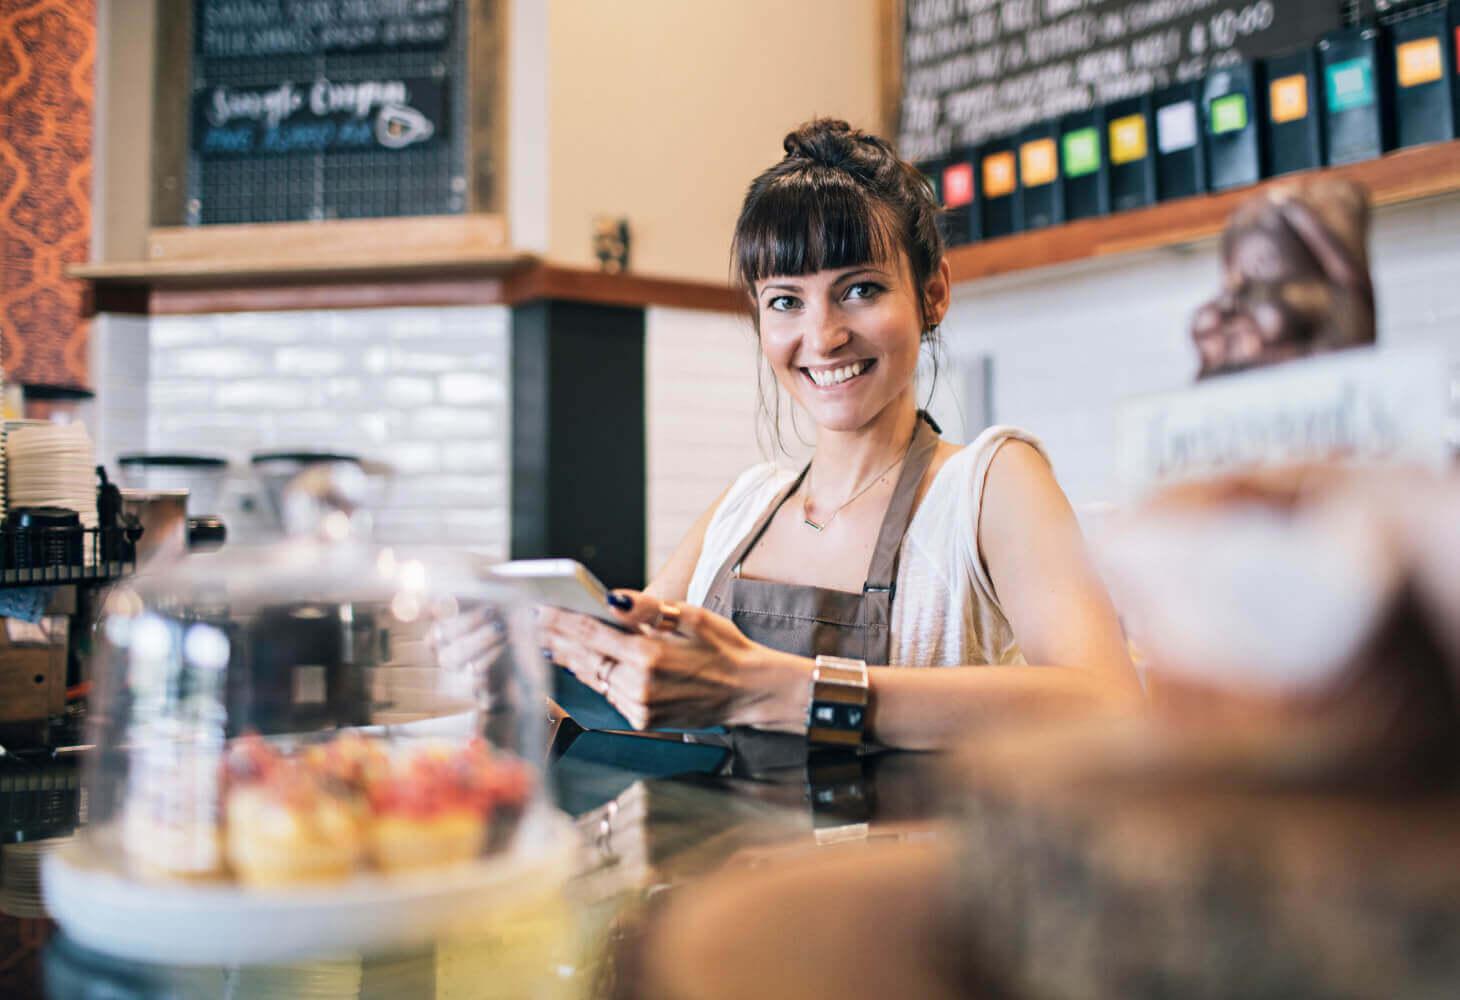 Cafeägare som sköter admin med Caspecos system på en iPad.